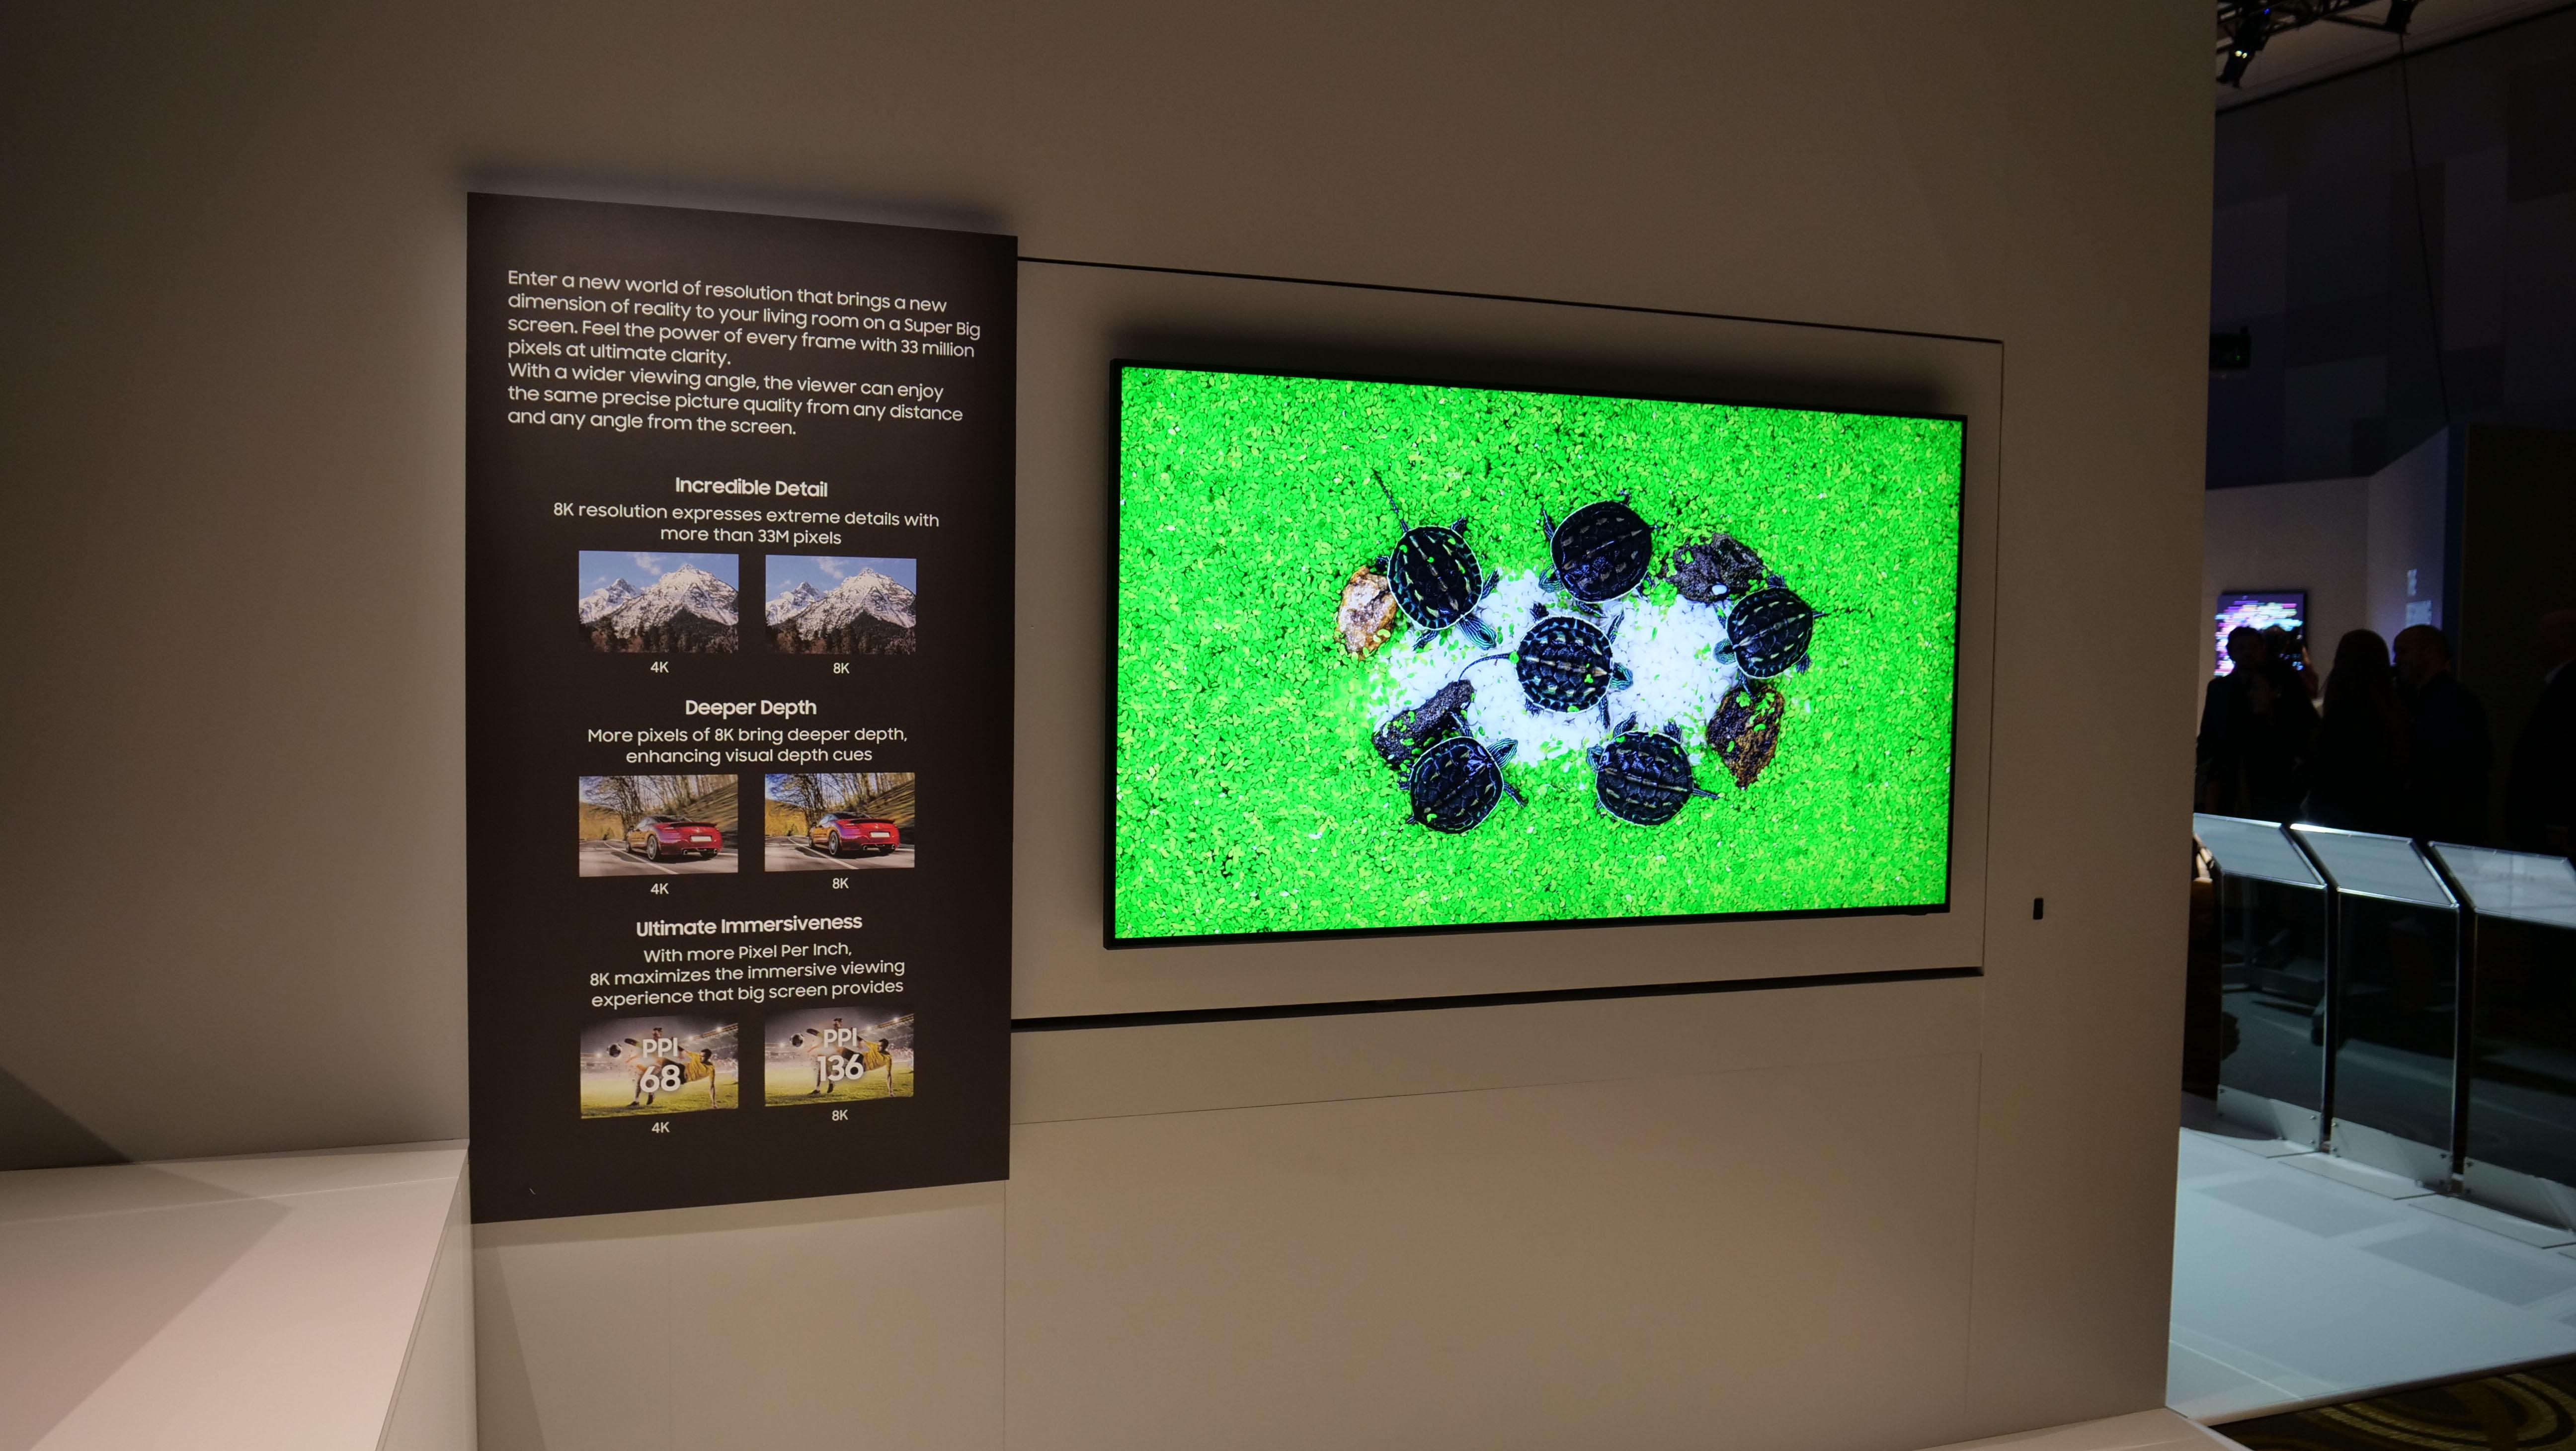 De kommande 8K-TV-apparaterna får HDMI 2.1 och bättre bild. Foto: Geir Gråbein Nordby